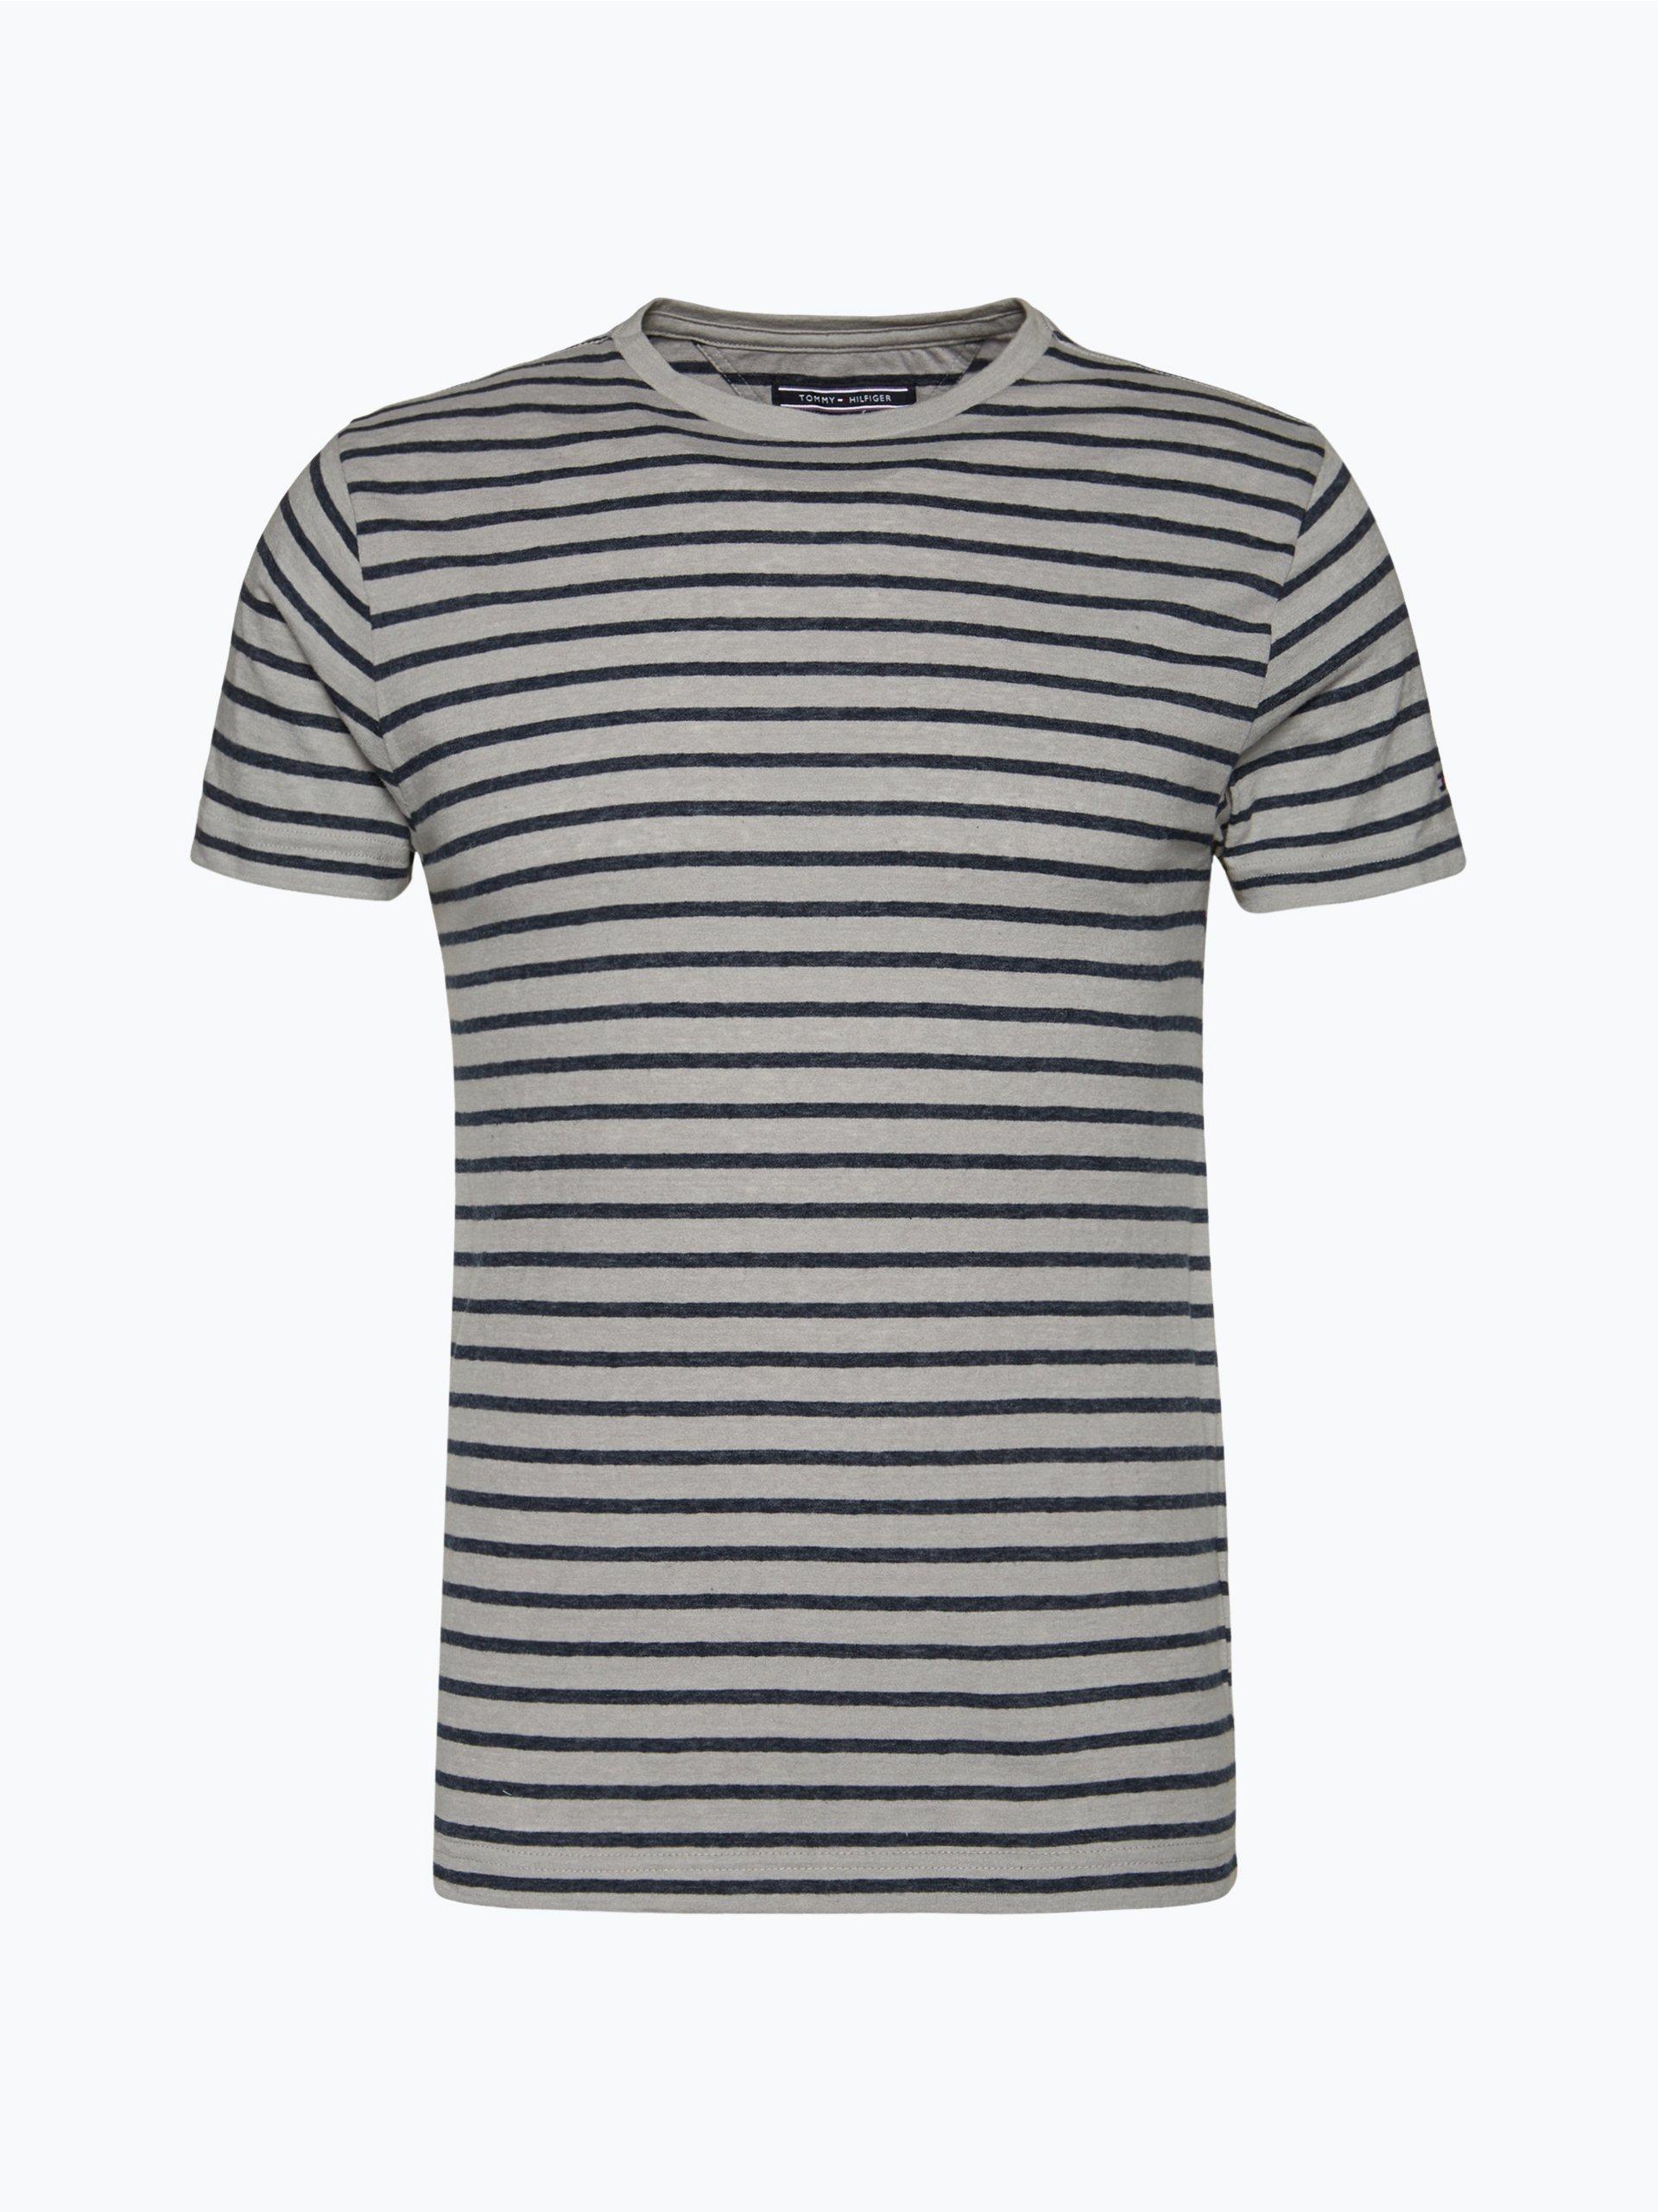 tommy hilfiger herren t shirt grau gestreift online kaufen. Black Bedroom Furniture Sets. Home Design Ideas